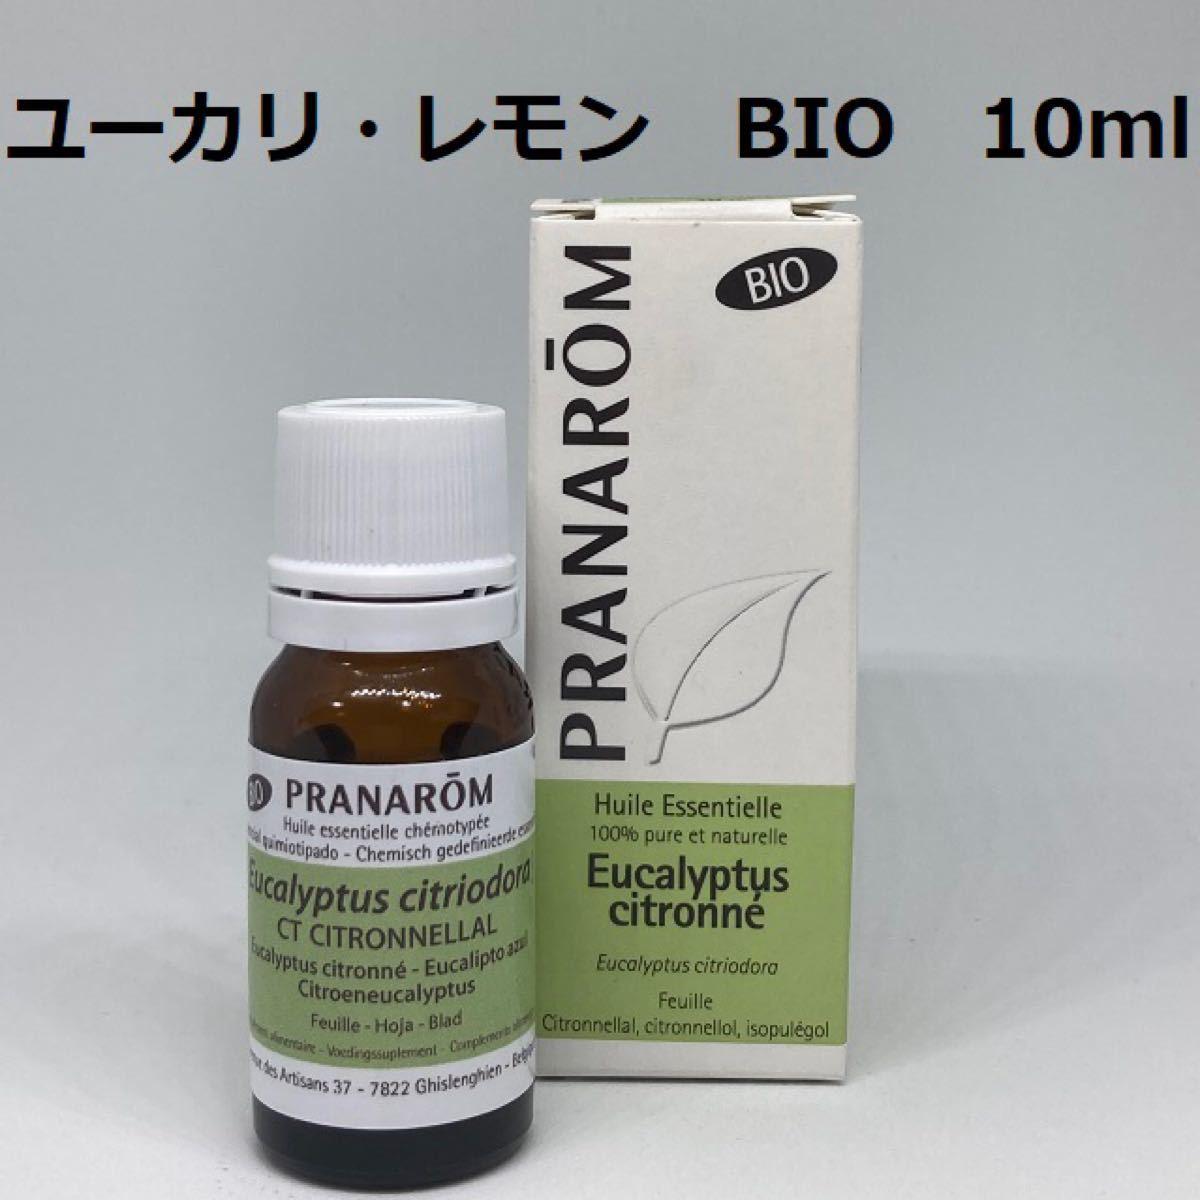 プラナロム ユーカリ・レモン BIO 10ml 精油 PRANAROM アロマオイル レモンユーカリ